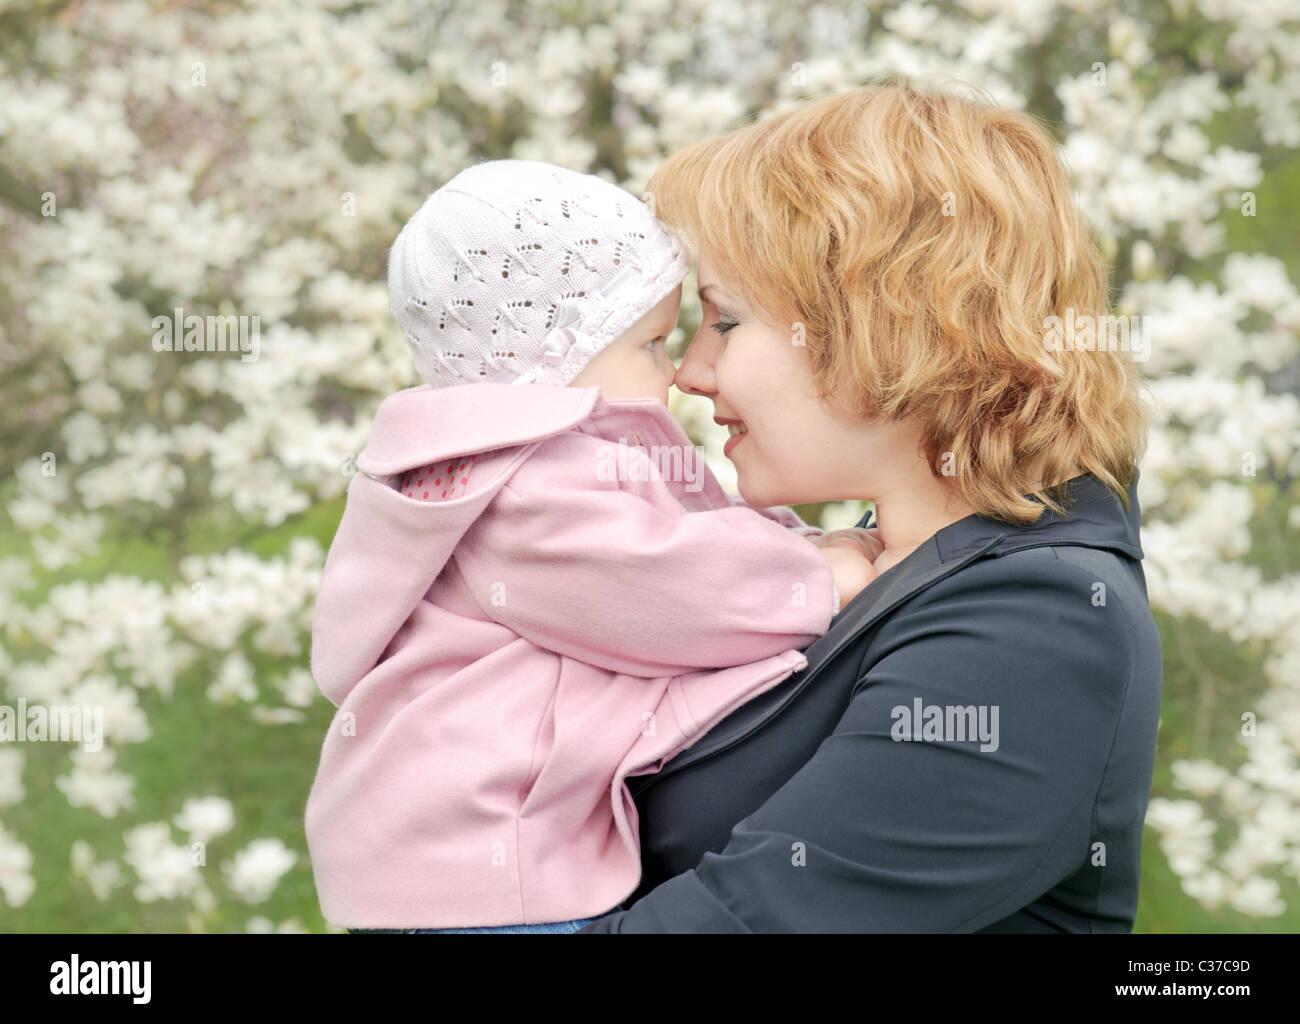 Madre con su hija en el parque. Felicidad Imagen De Stock